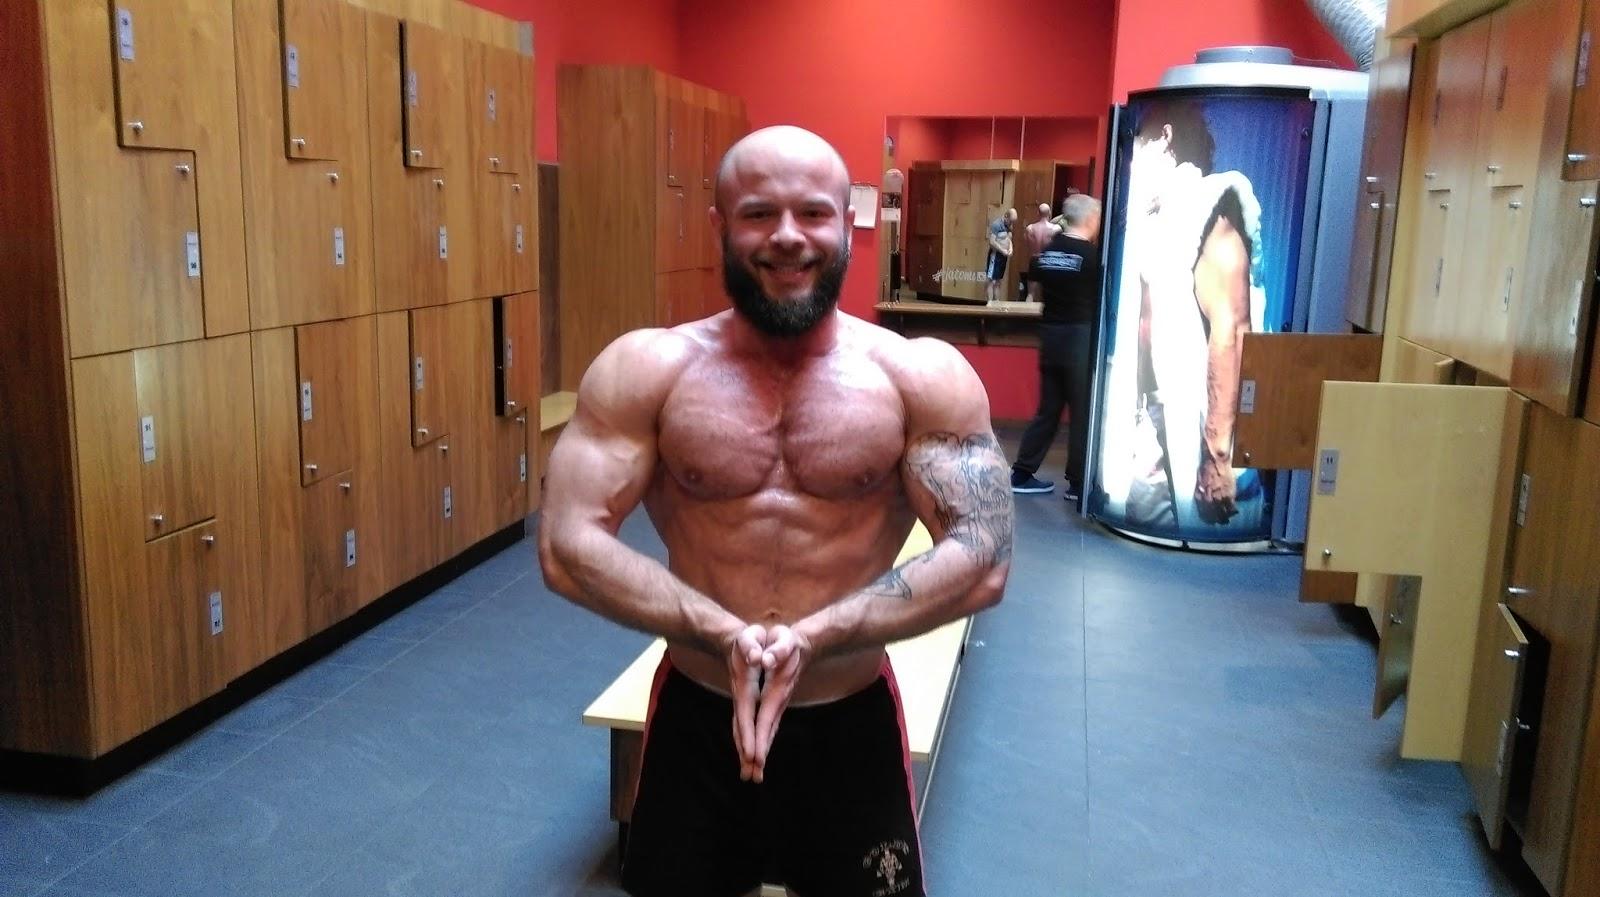 Tatuaże I Siłownia Beardy Bulk Blog